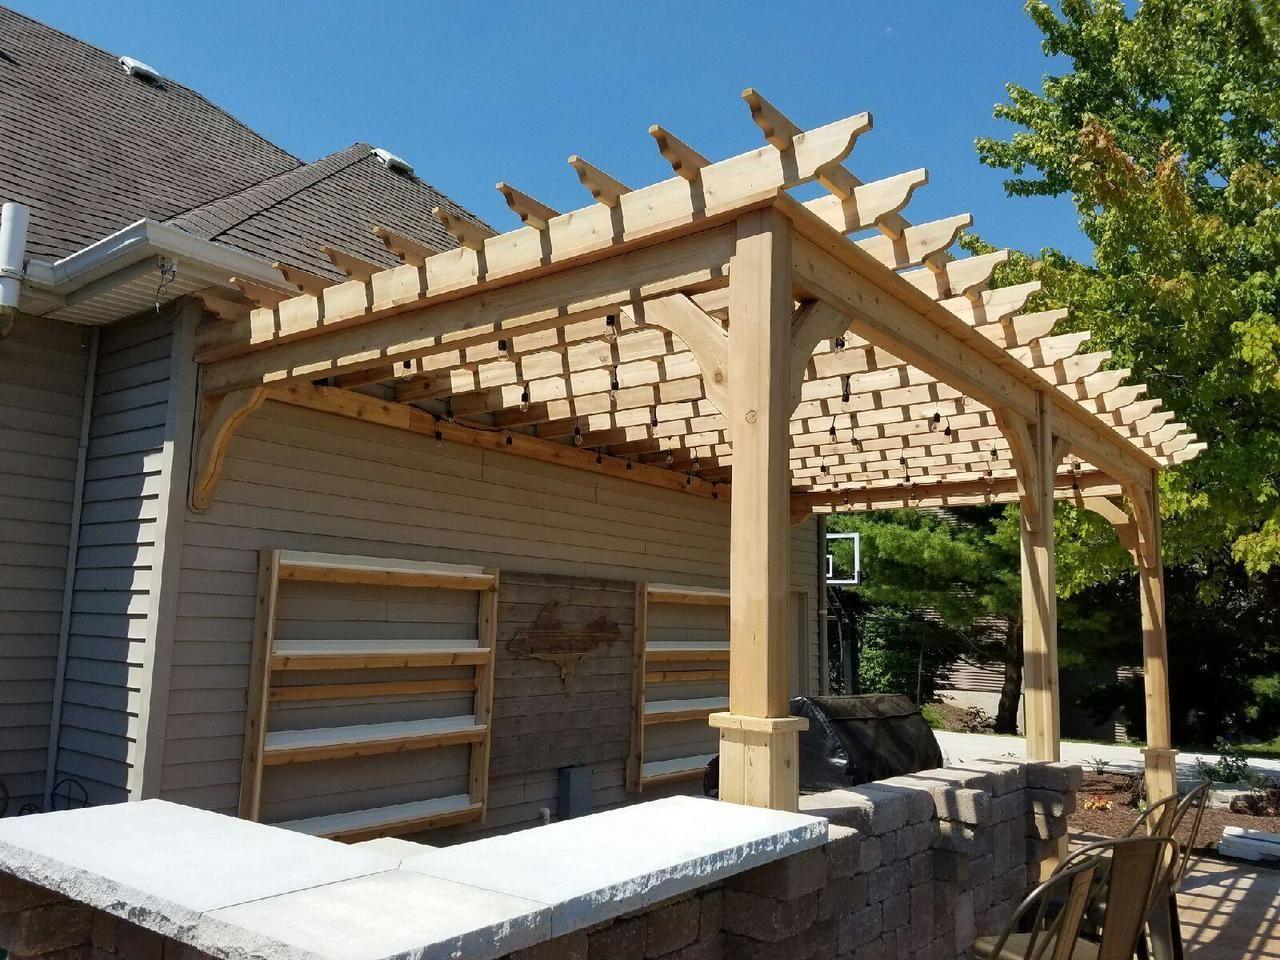 Serenity Cedar Pergola Kit Wall Mounted In 2019 Home Cedar Pergola Pergola Carport